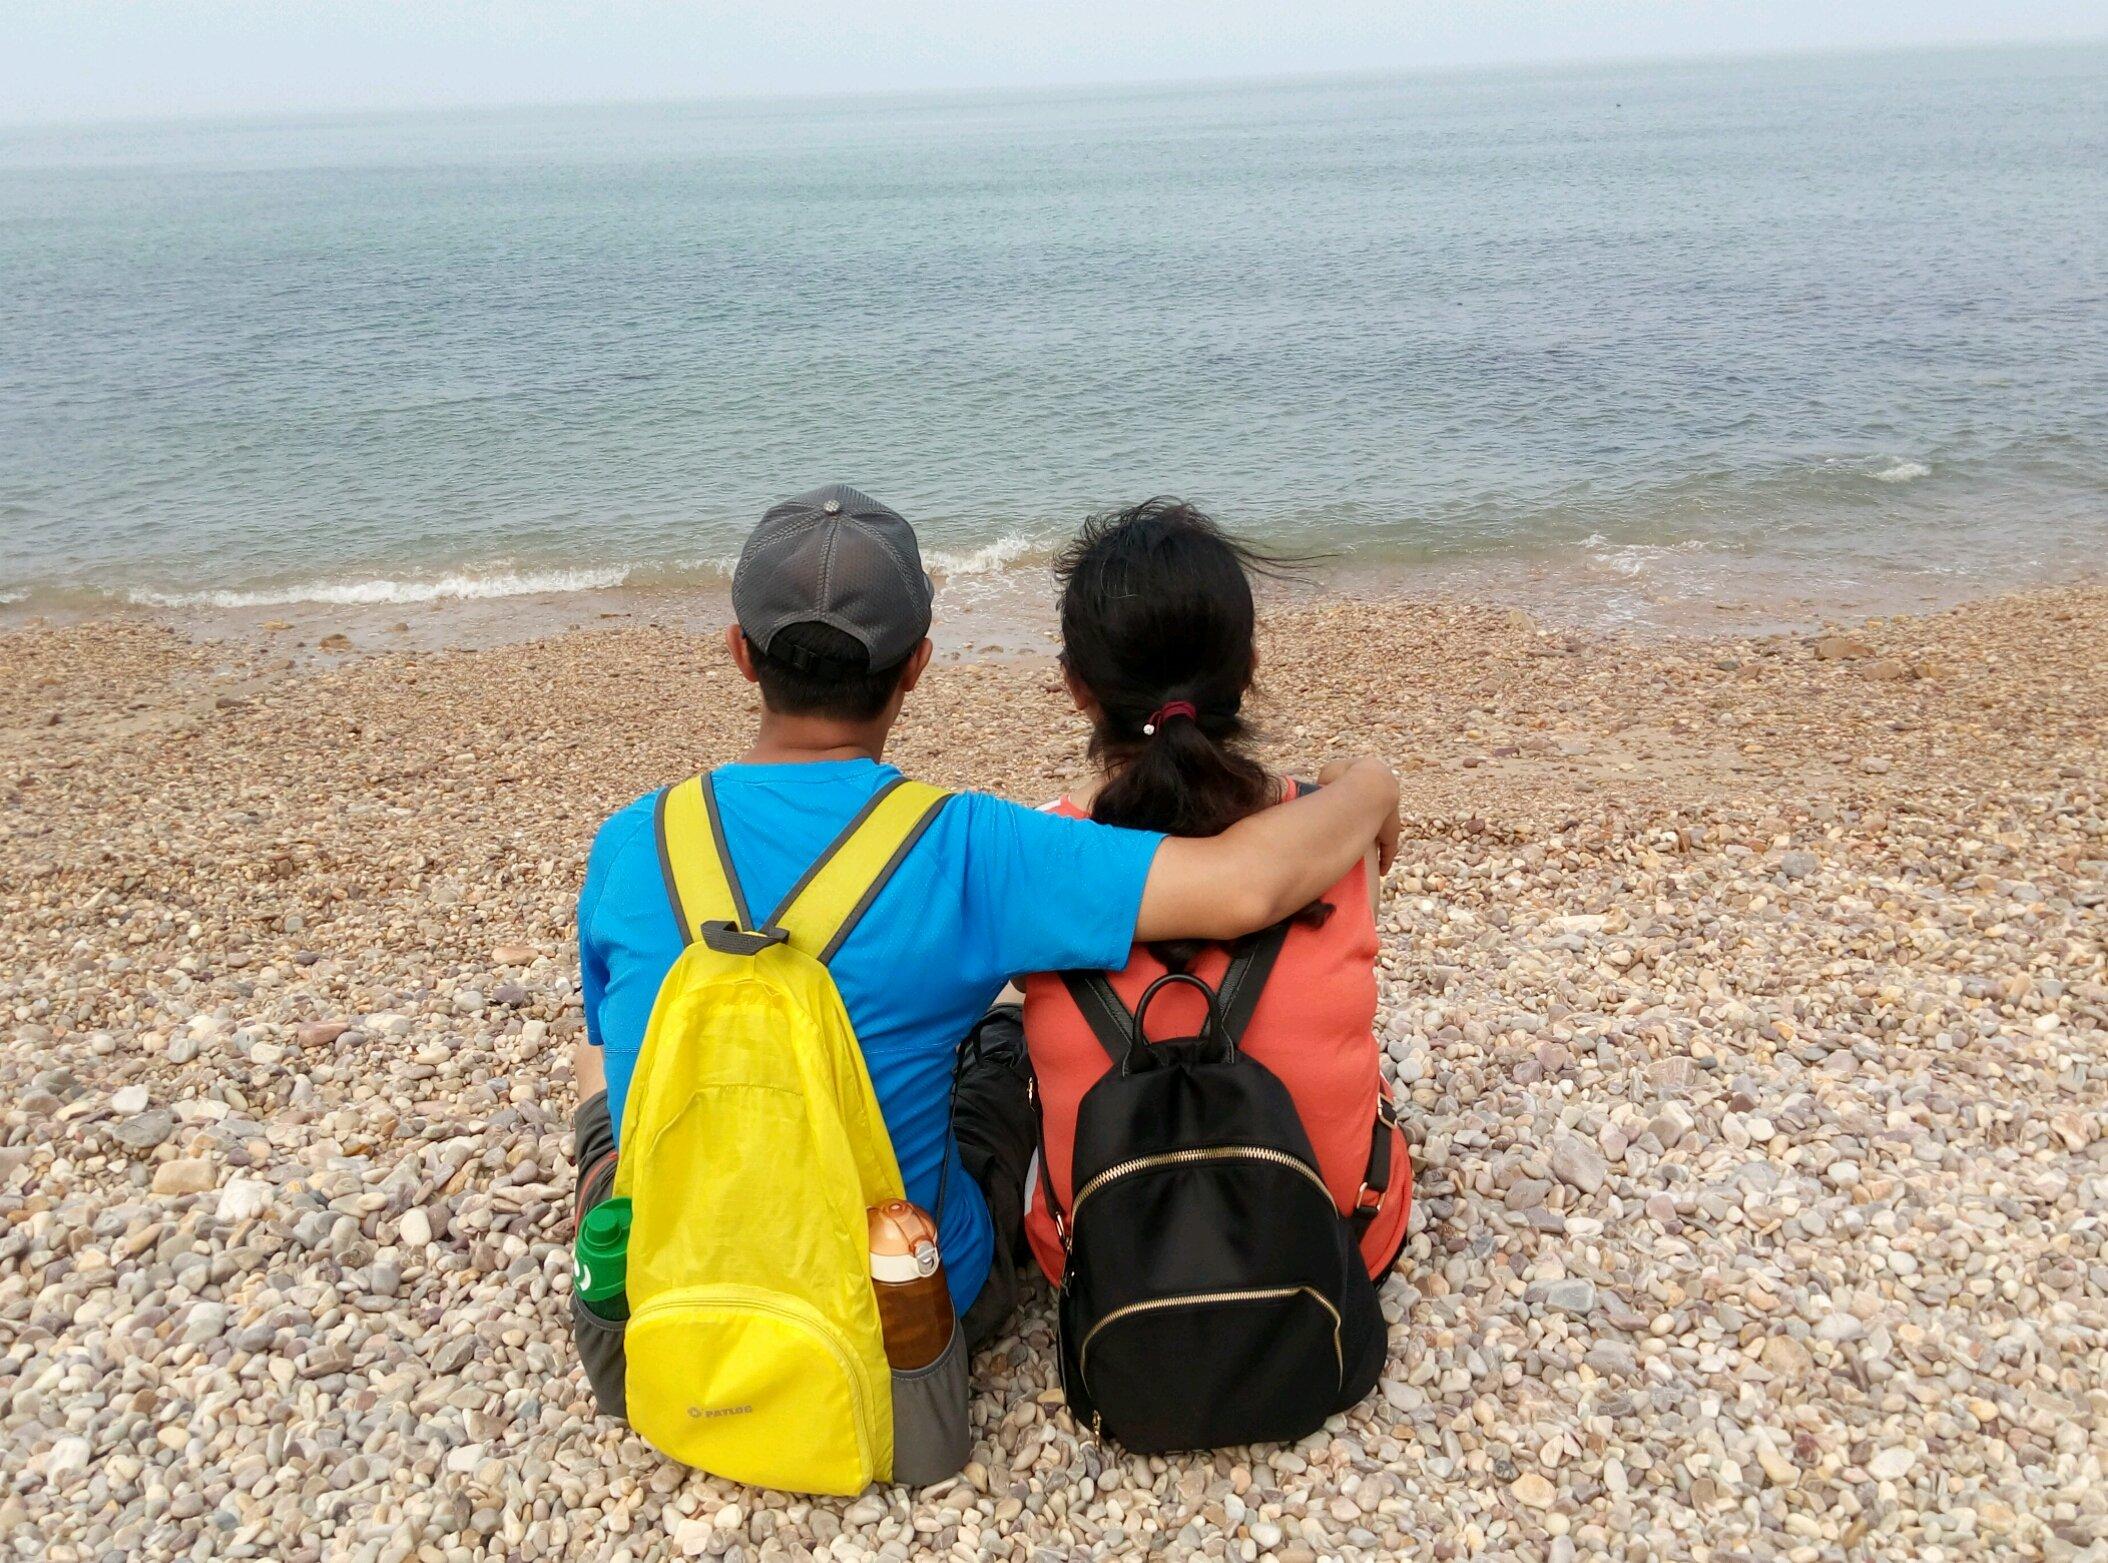 奔向玩法-大连旅游游记-小班-去哪儿攻略攻略玩报纸游戏大海